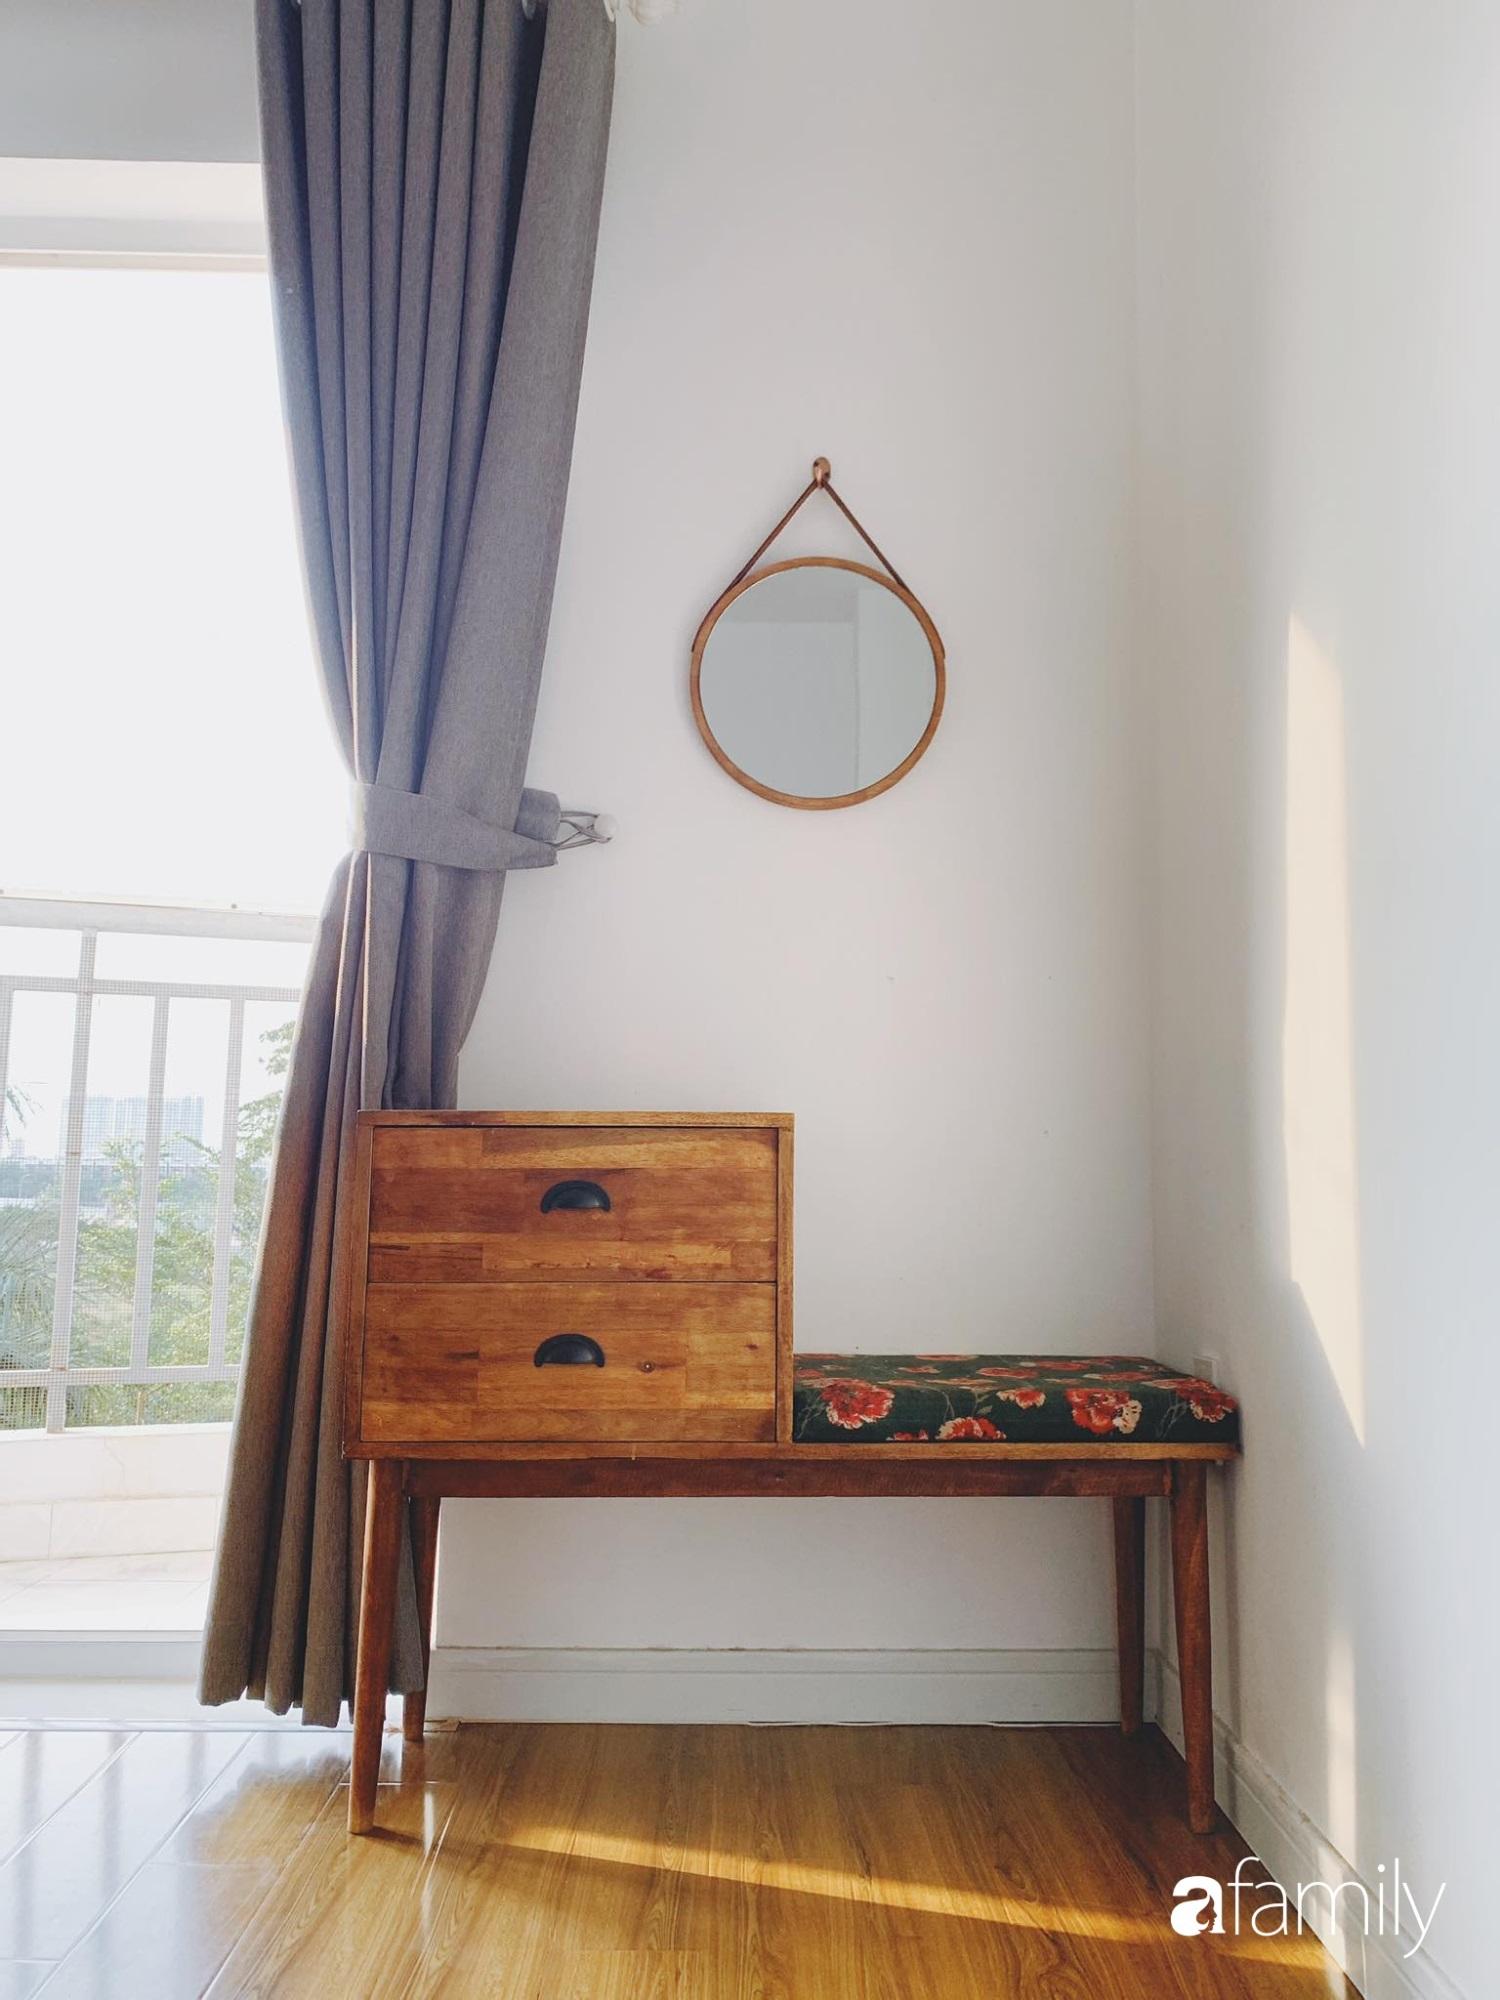 Dù là căn hộ đi thuê nhưng đôi vợ chồng yêu thích sống tự do ở Sài Gòn đã thiết kế nội thất theo phong cách tối giản vô cùng hợp lý lại tiết kiệm - Ảnh 10